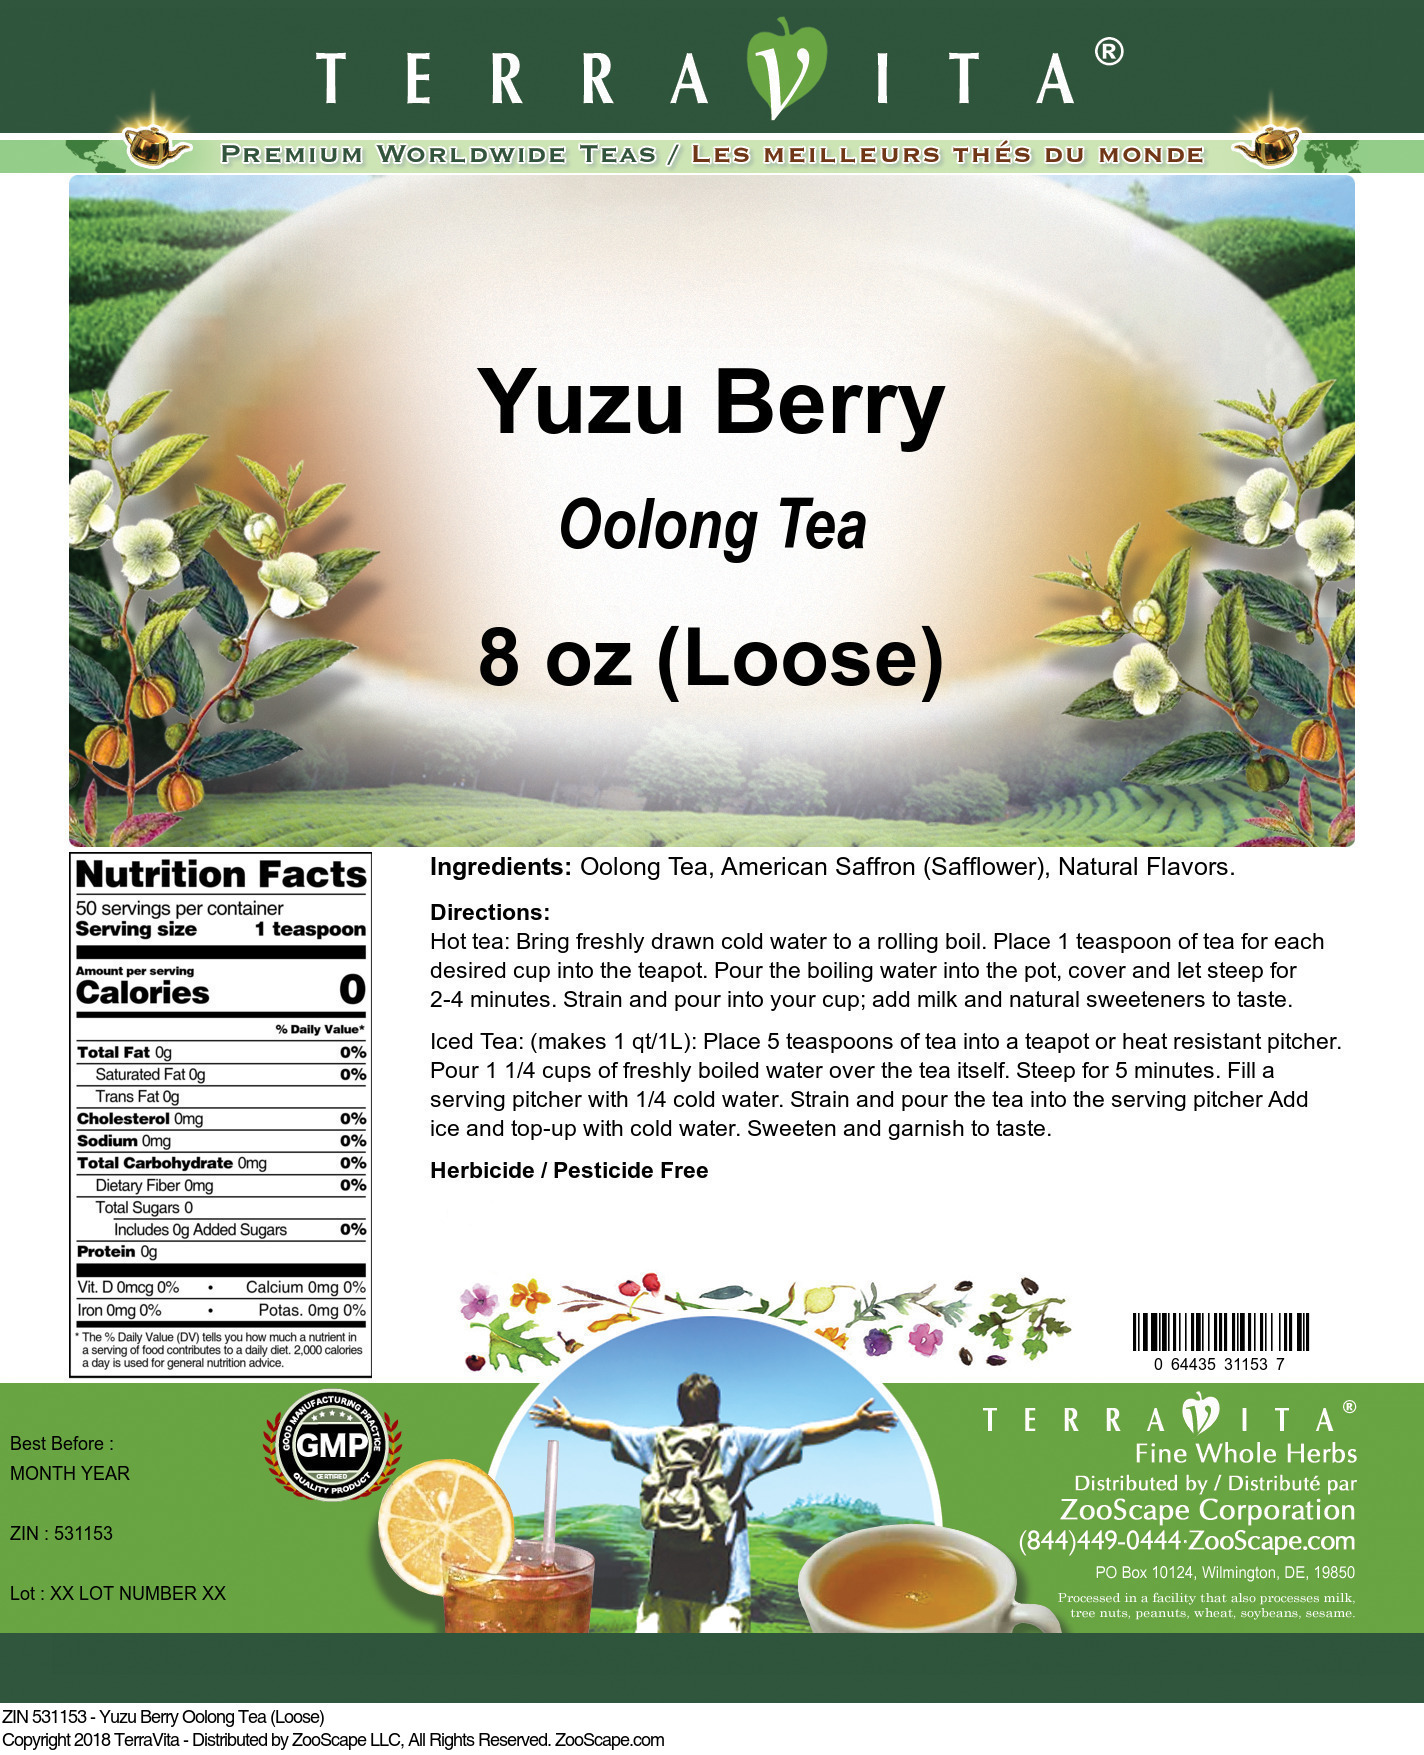 Yuzu Berry Oolong Tea (Loose)